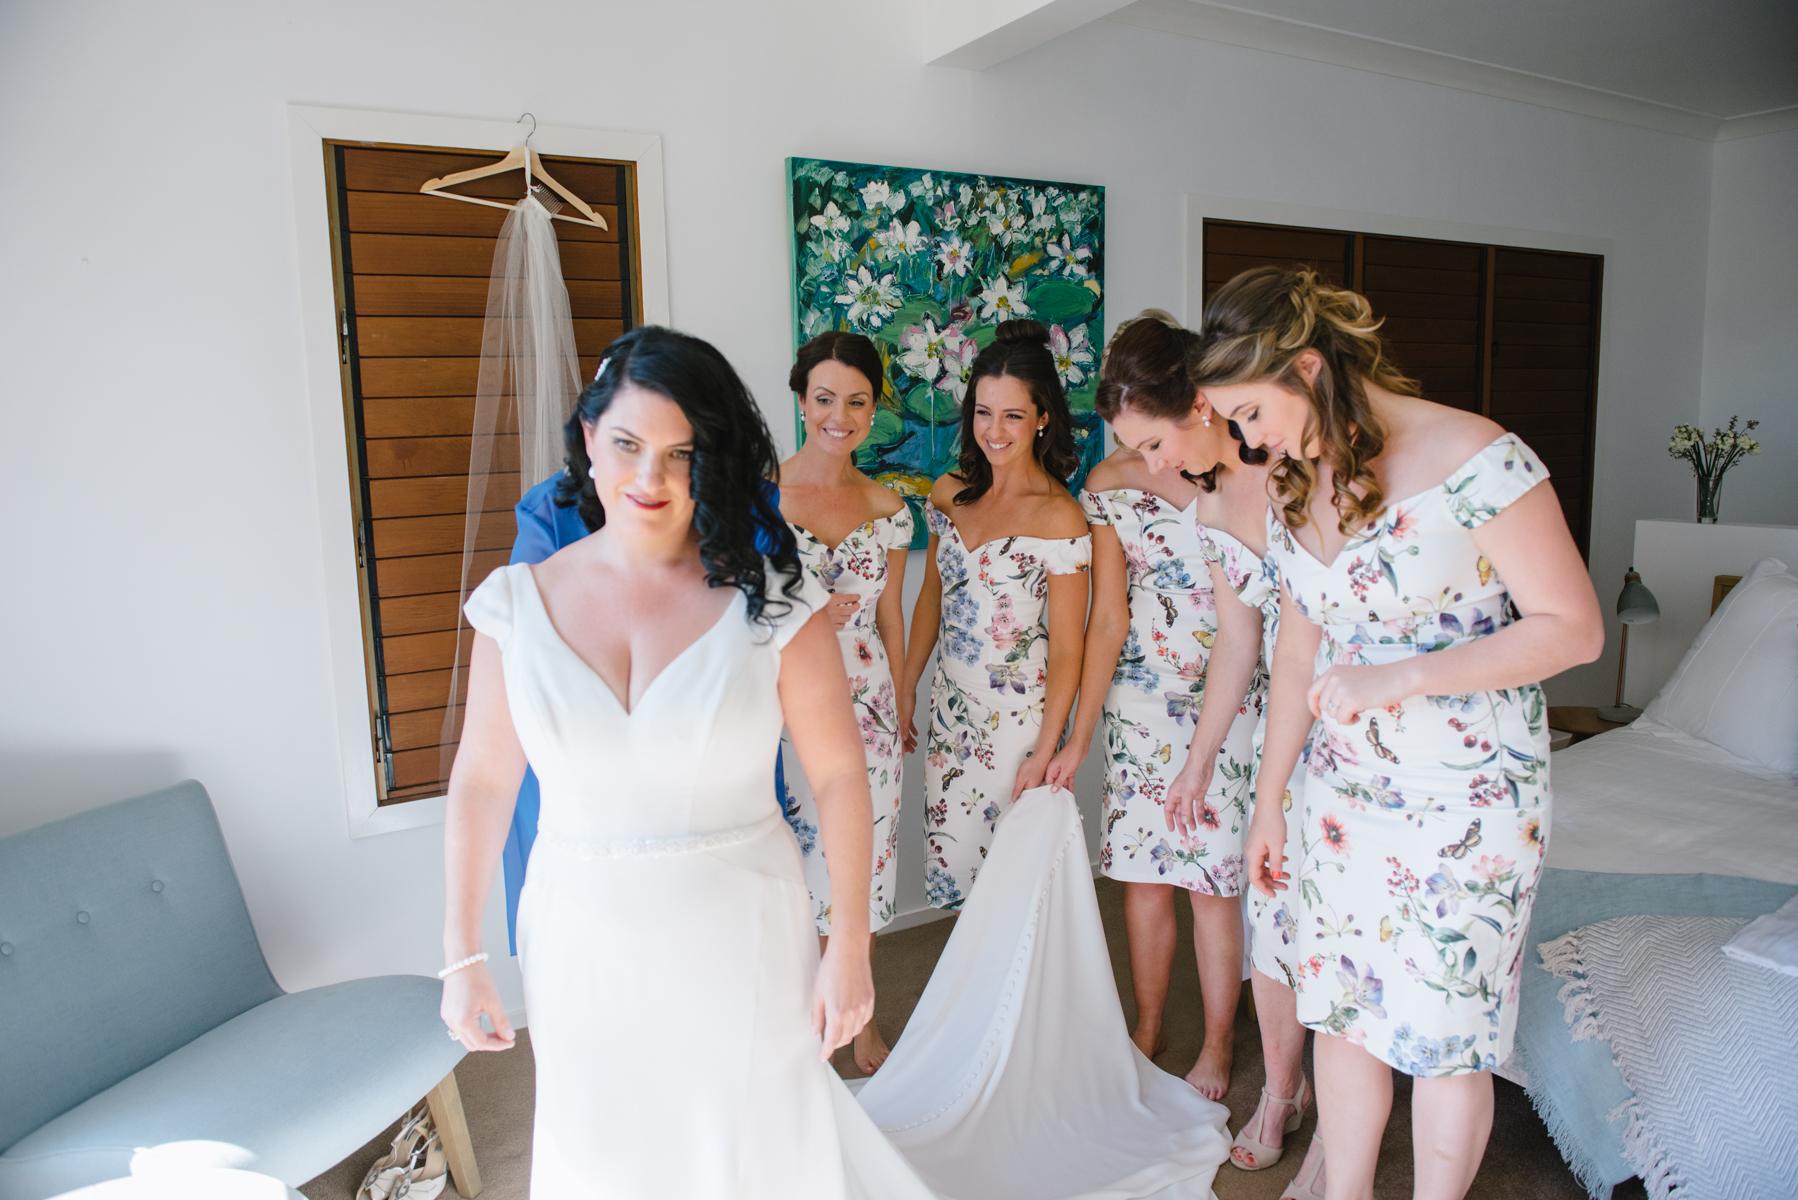 sarahandBenwedding- skyla sage photography weddings, families, byron bay,tweed coast,kingscliff,cabarita,gold coast-239.jpg